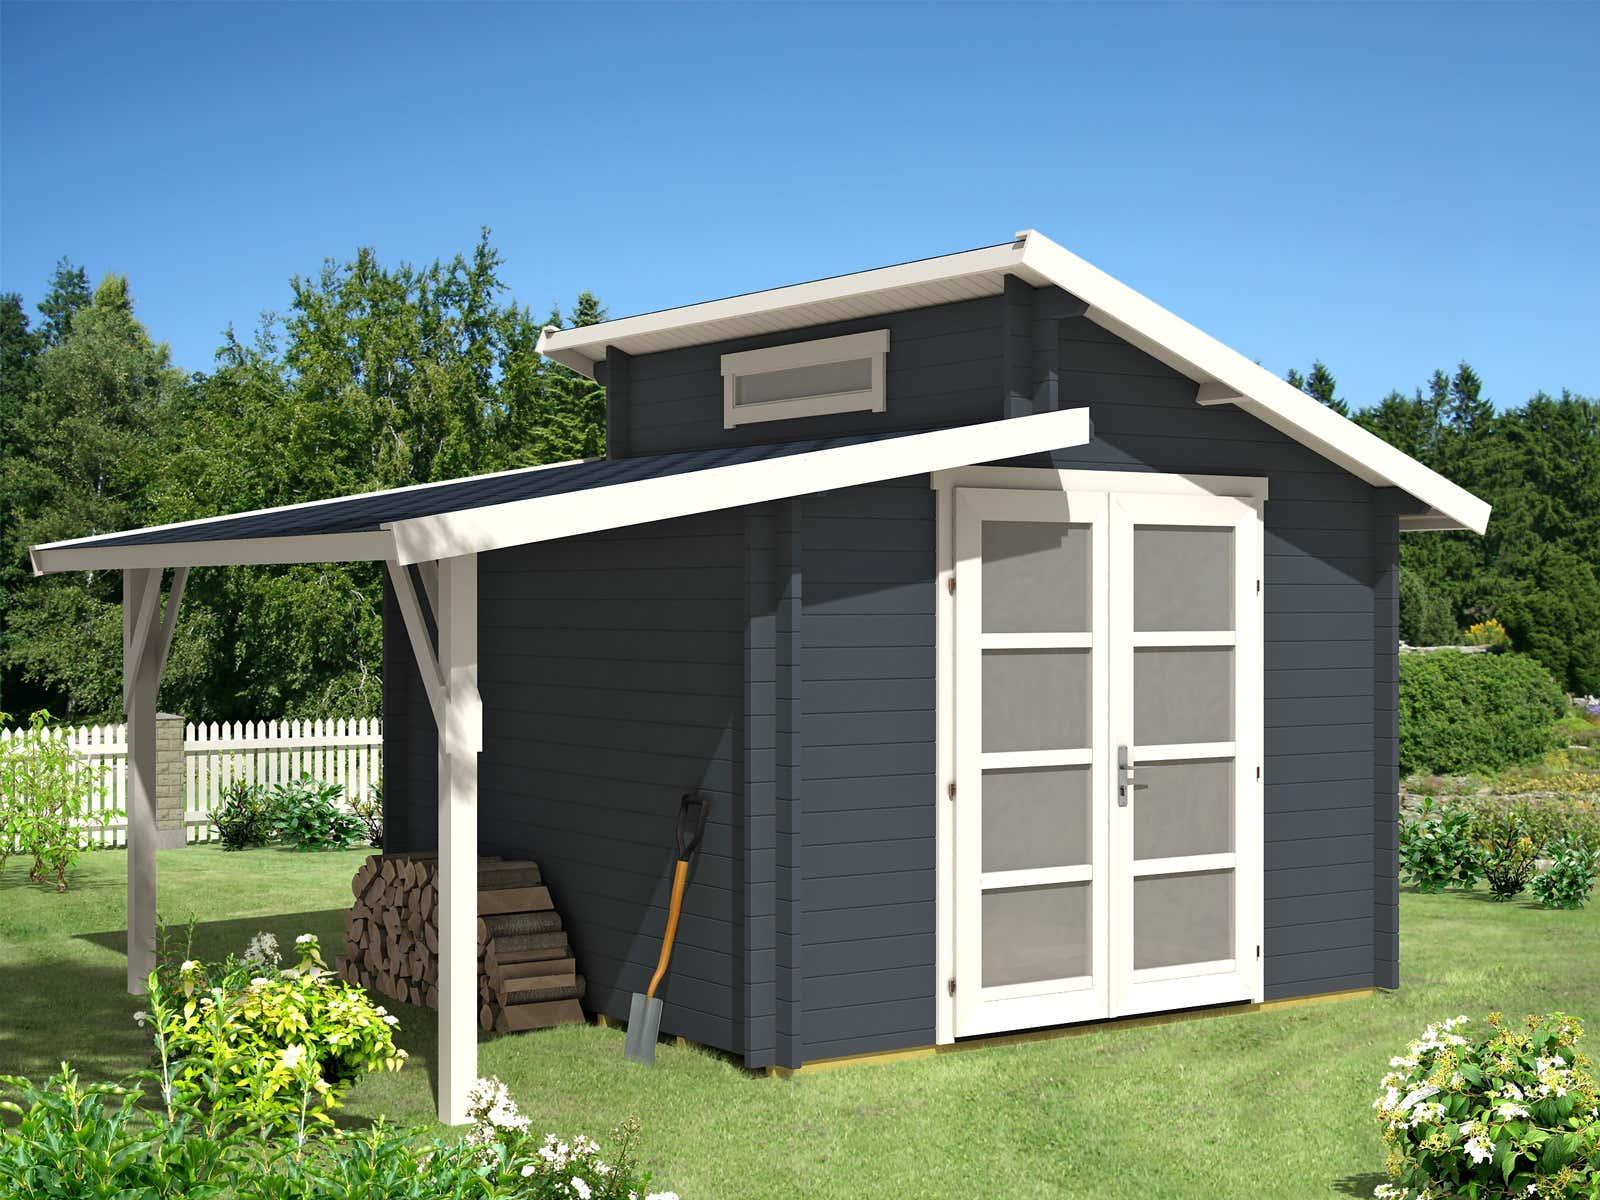 gartenhaus aktiva 28 mit schleppdach gartenhaus aktiva 28. Black Bedroom Furniture Sets. Home Design Ideas